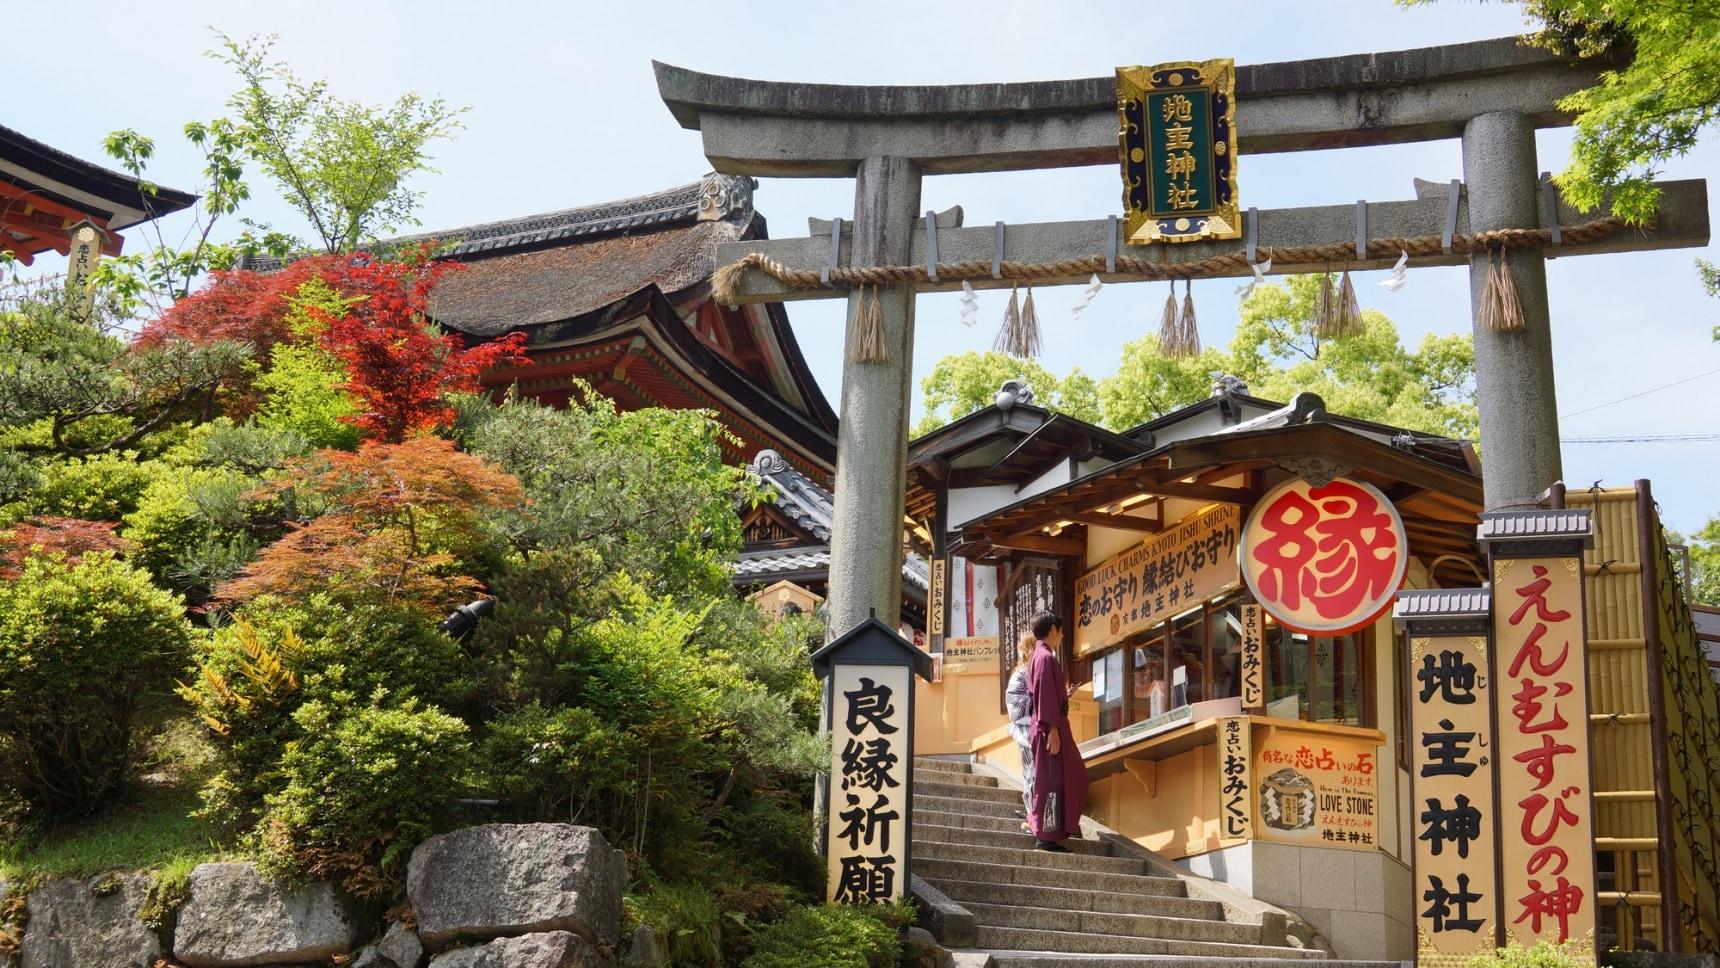 【京都自由行】靈驗指數爆表的戀愛神社大公開